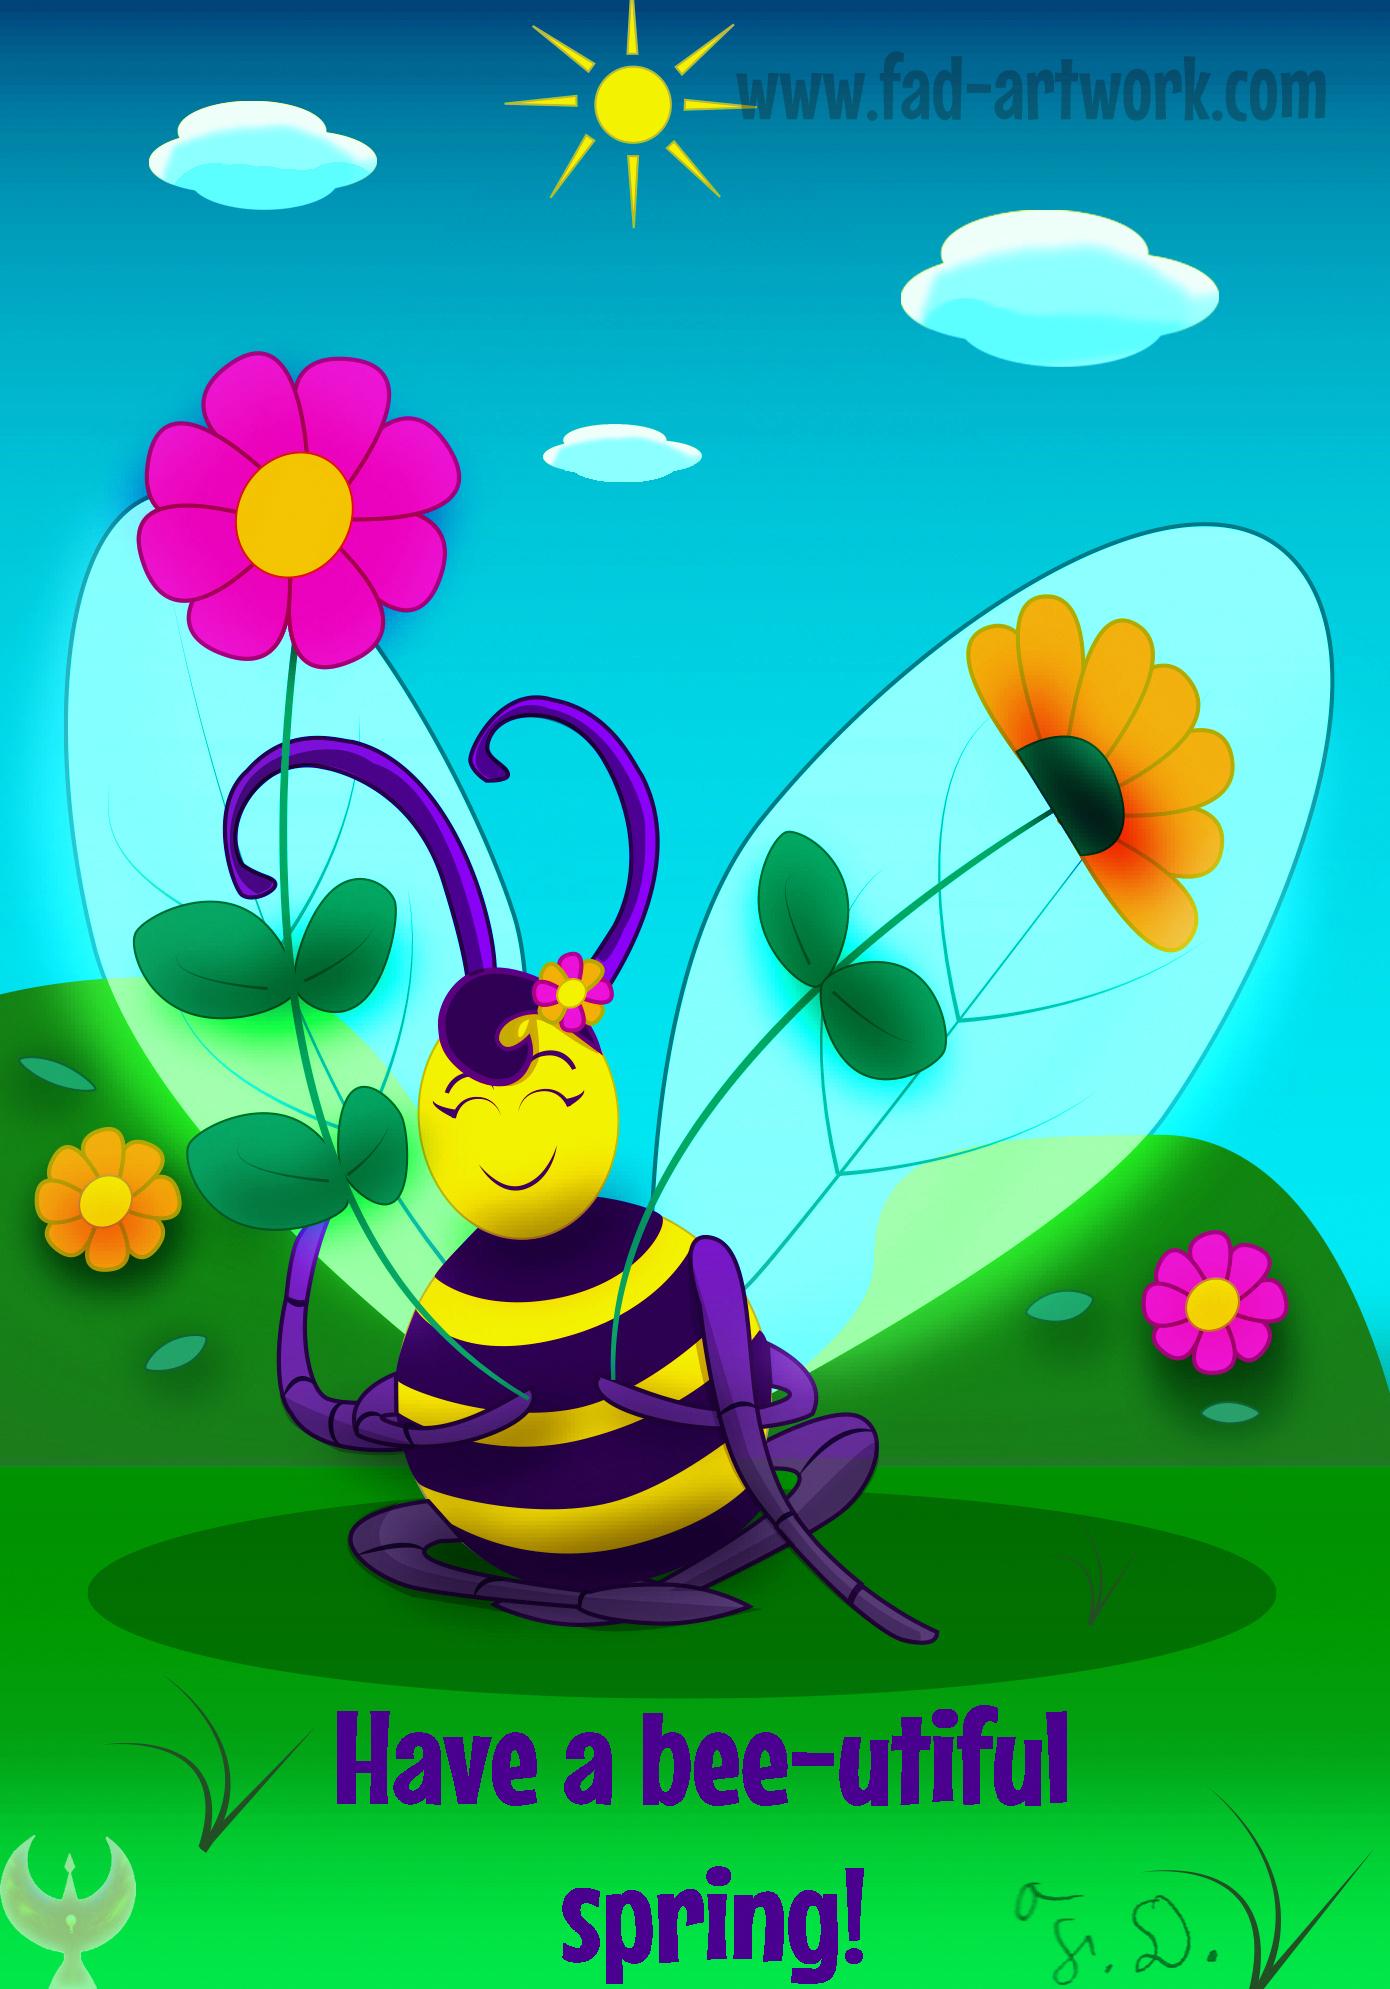 Spring Bee Postcard 2018-001.jpg